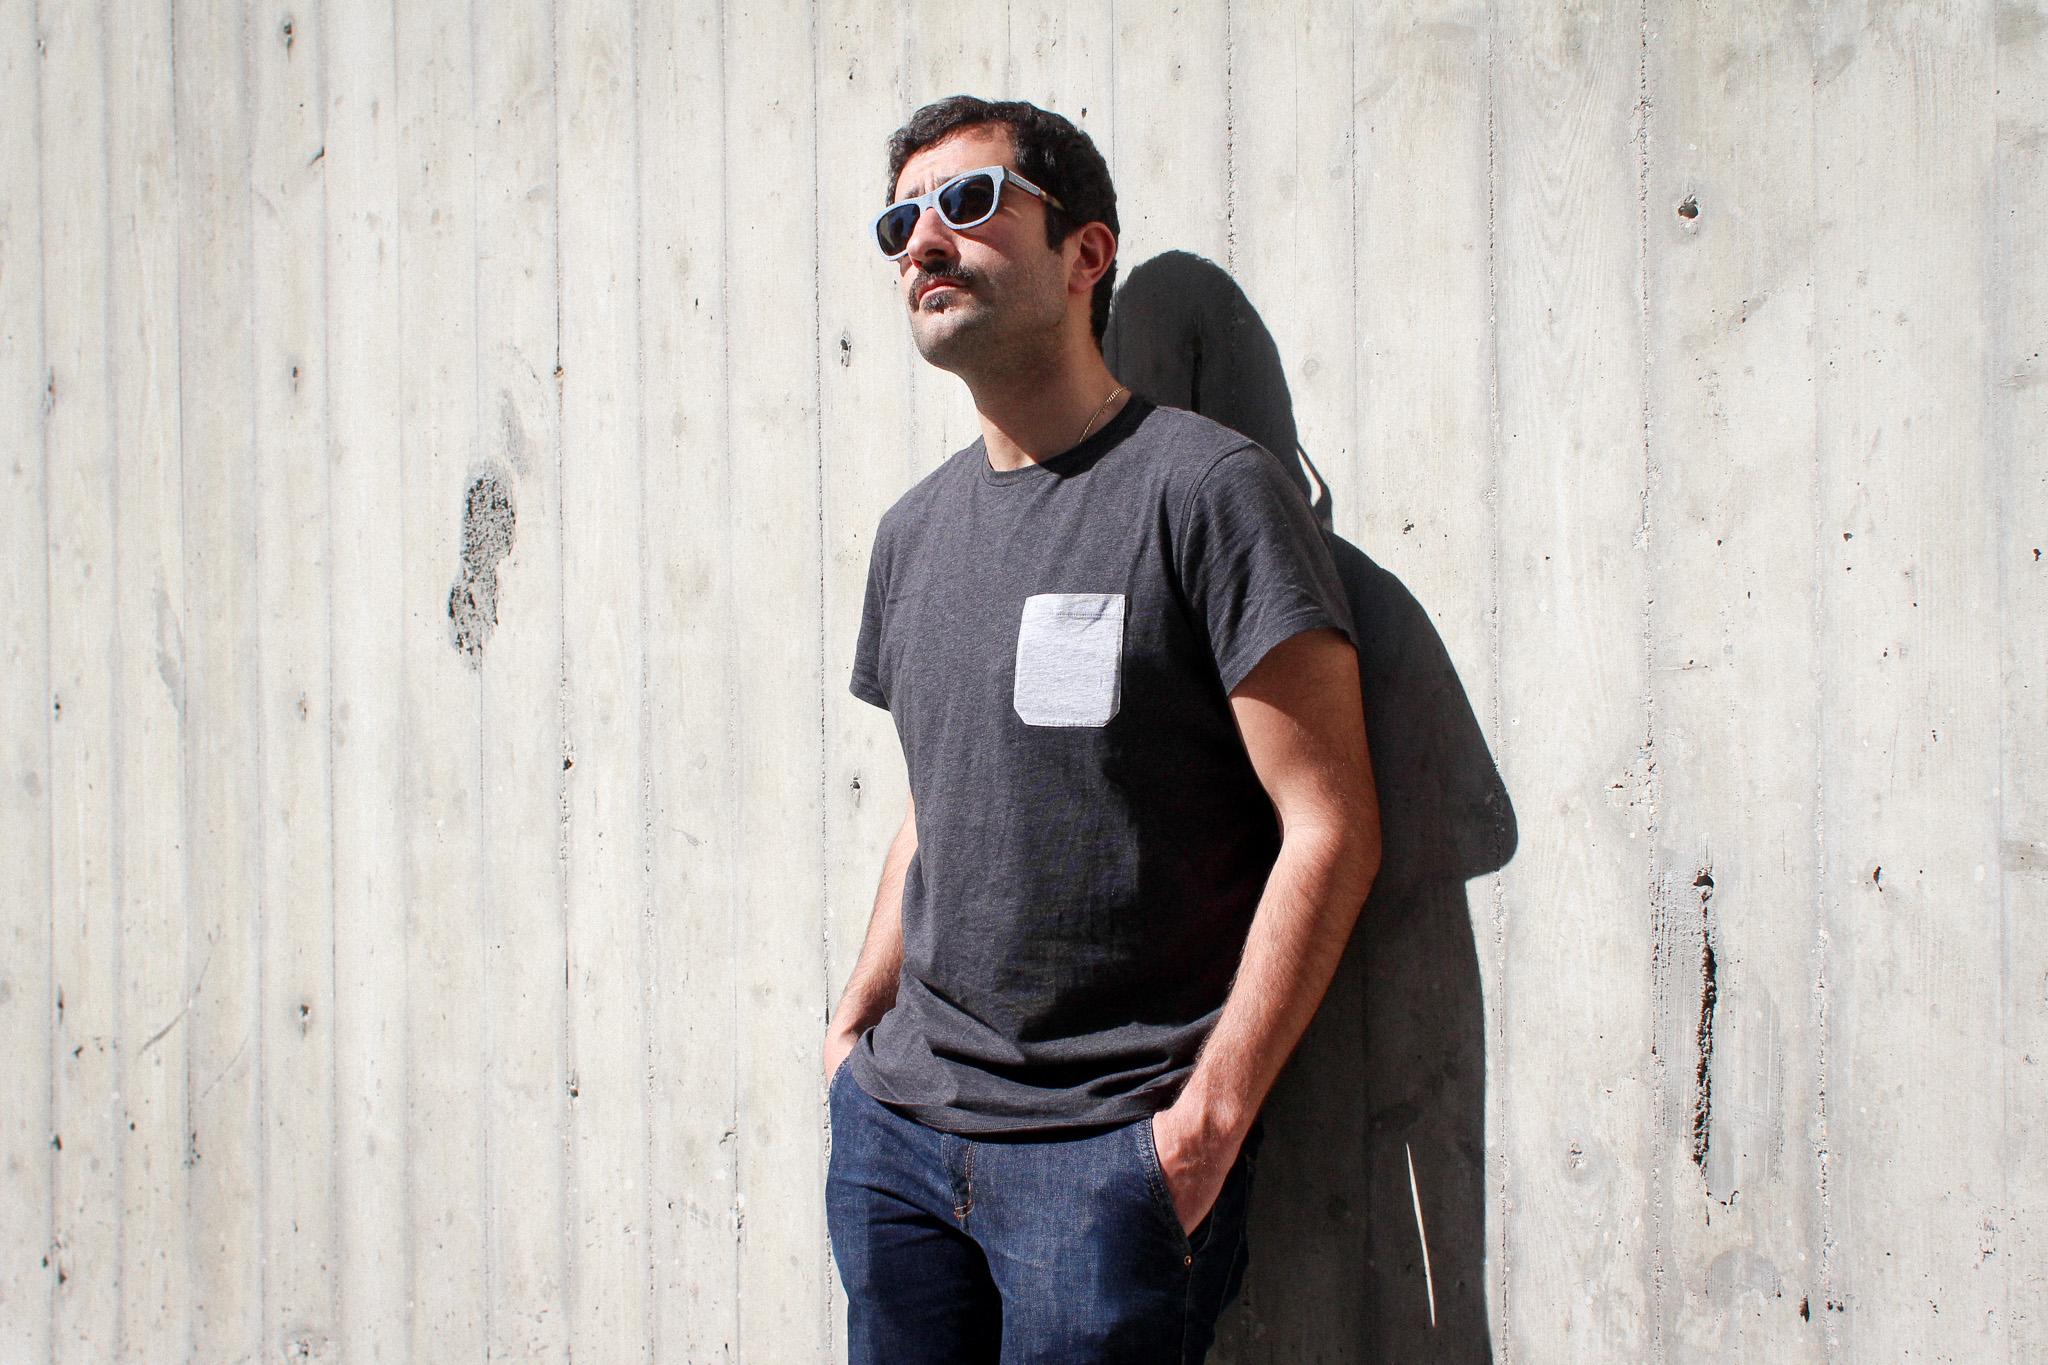 diesel-sunglasses-editorial-rfm-1-2.jpg